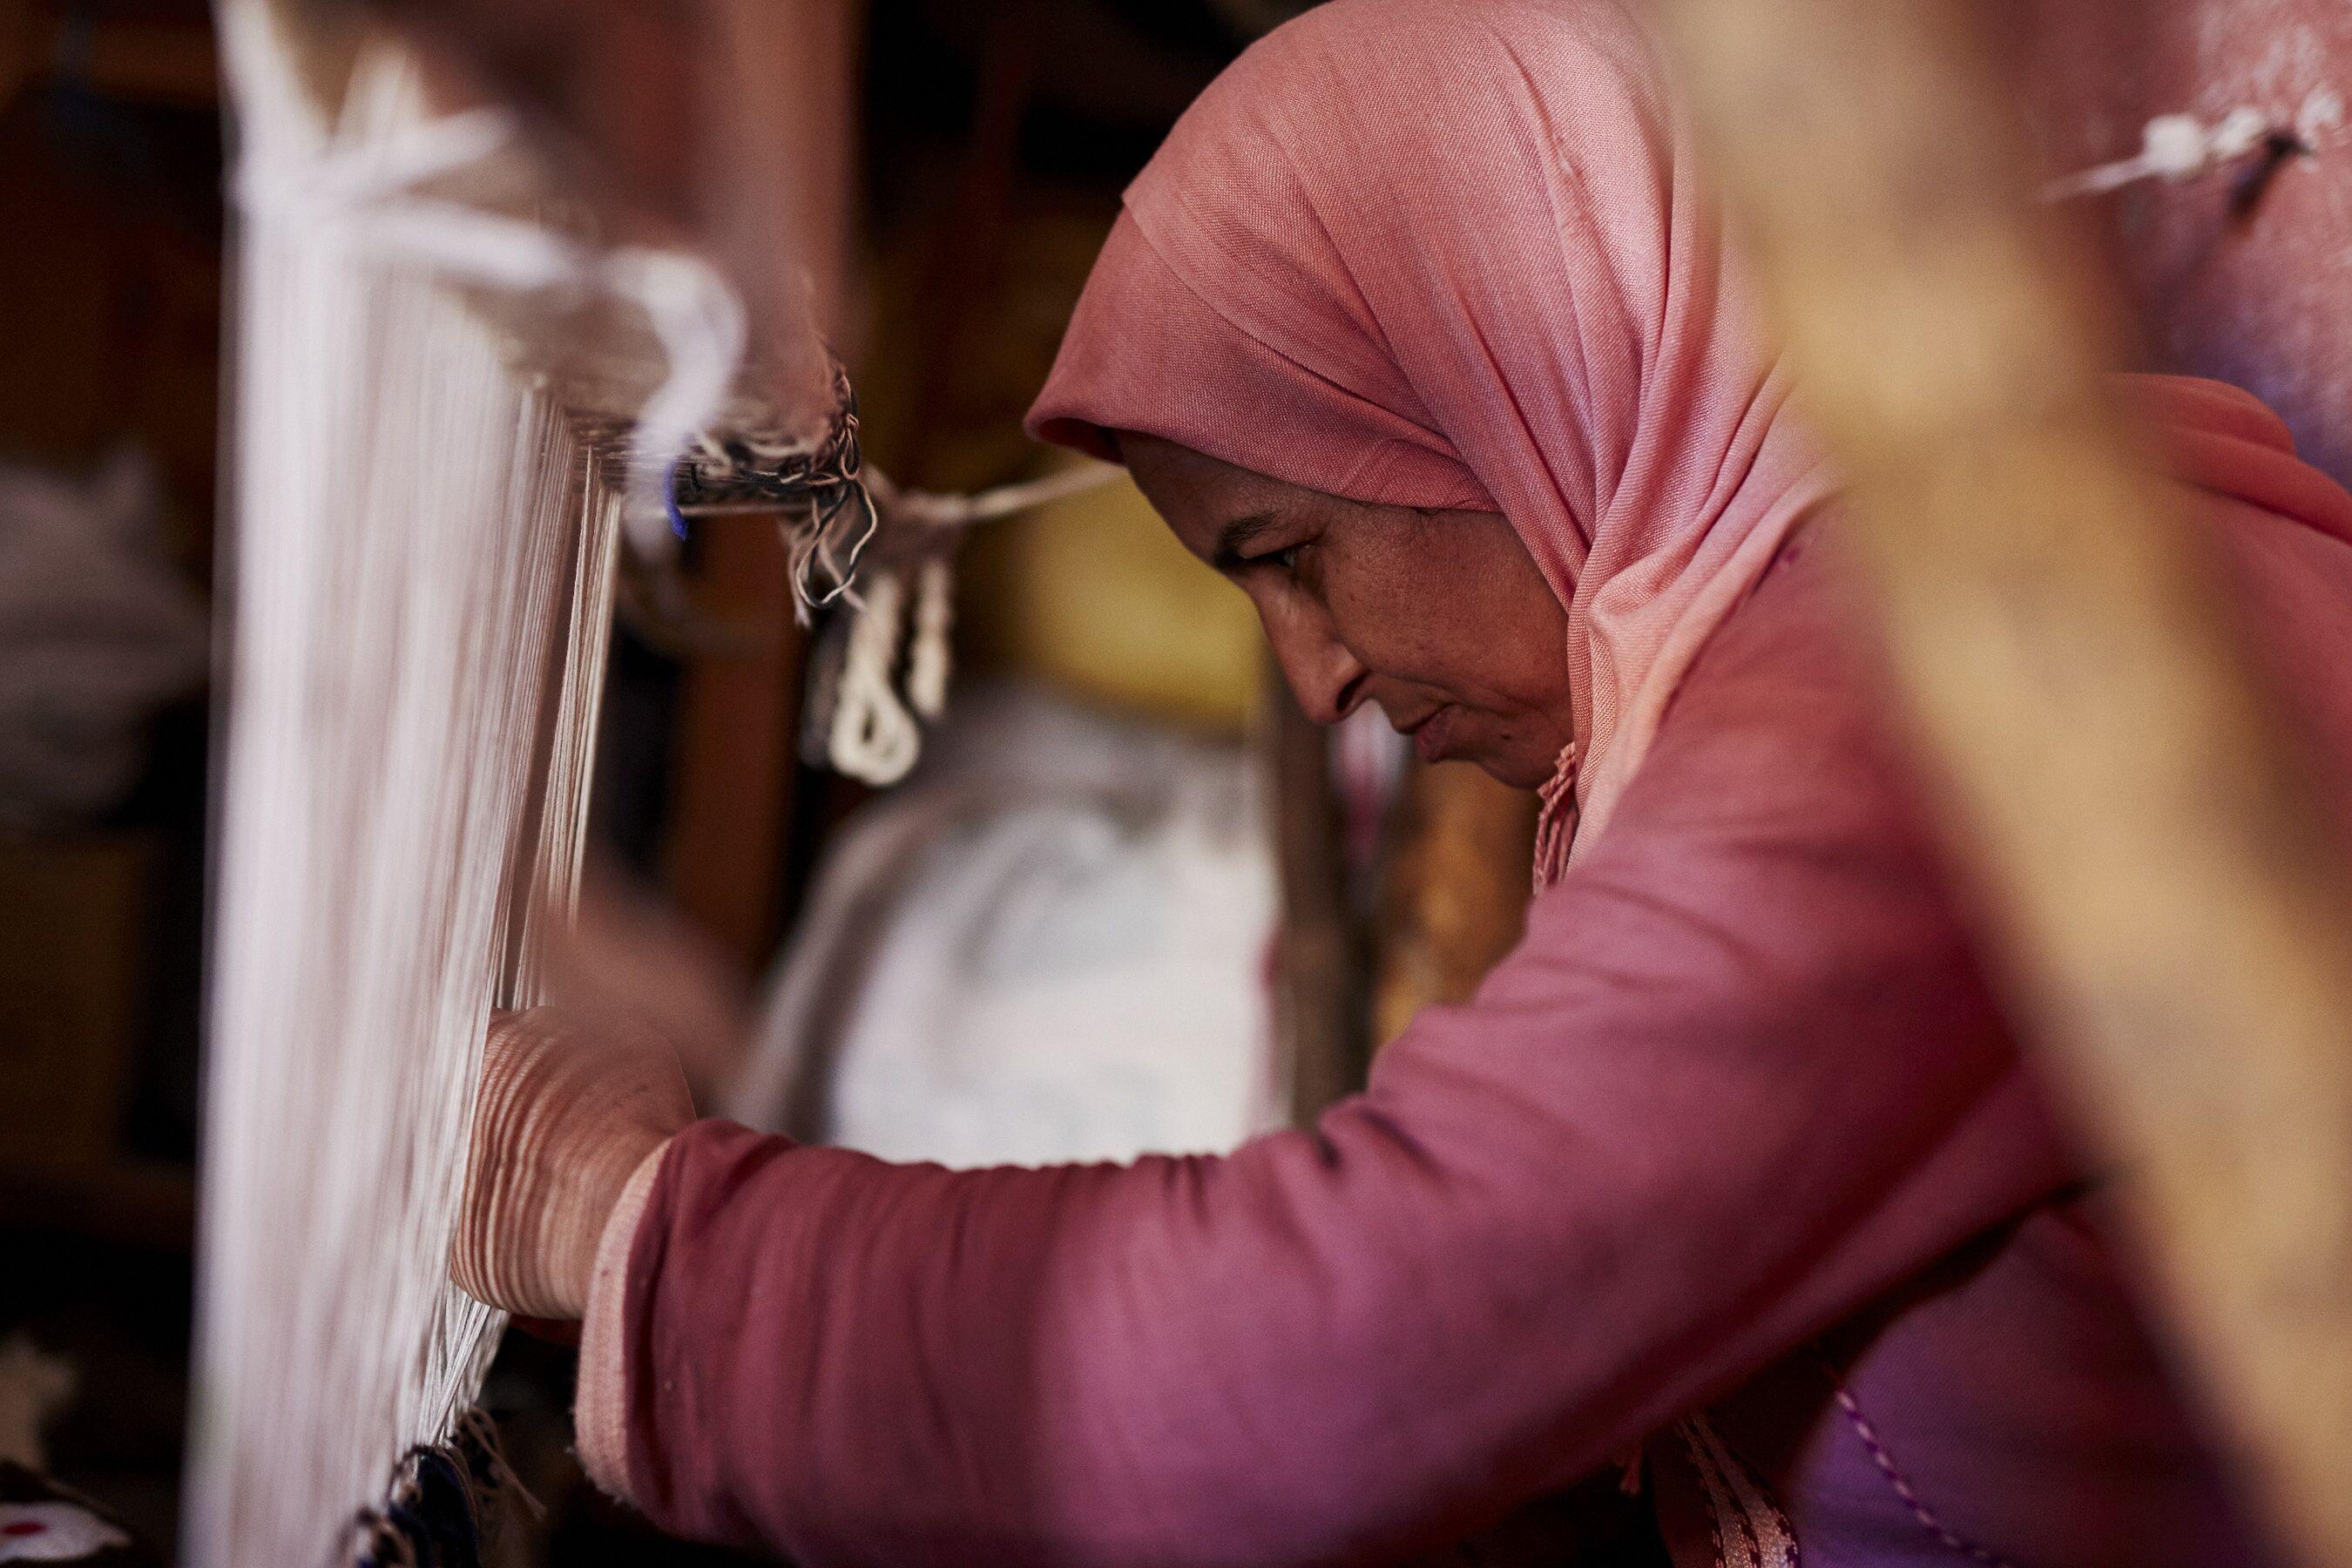 Anou - Beyond Fair Trade